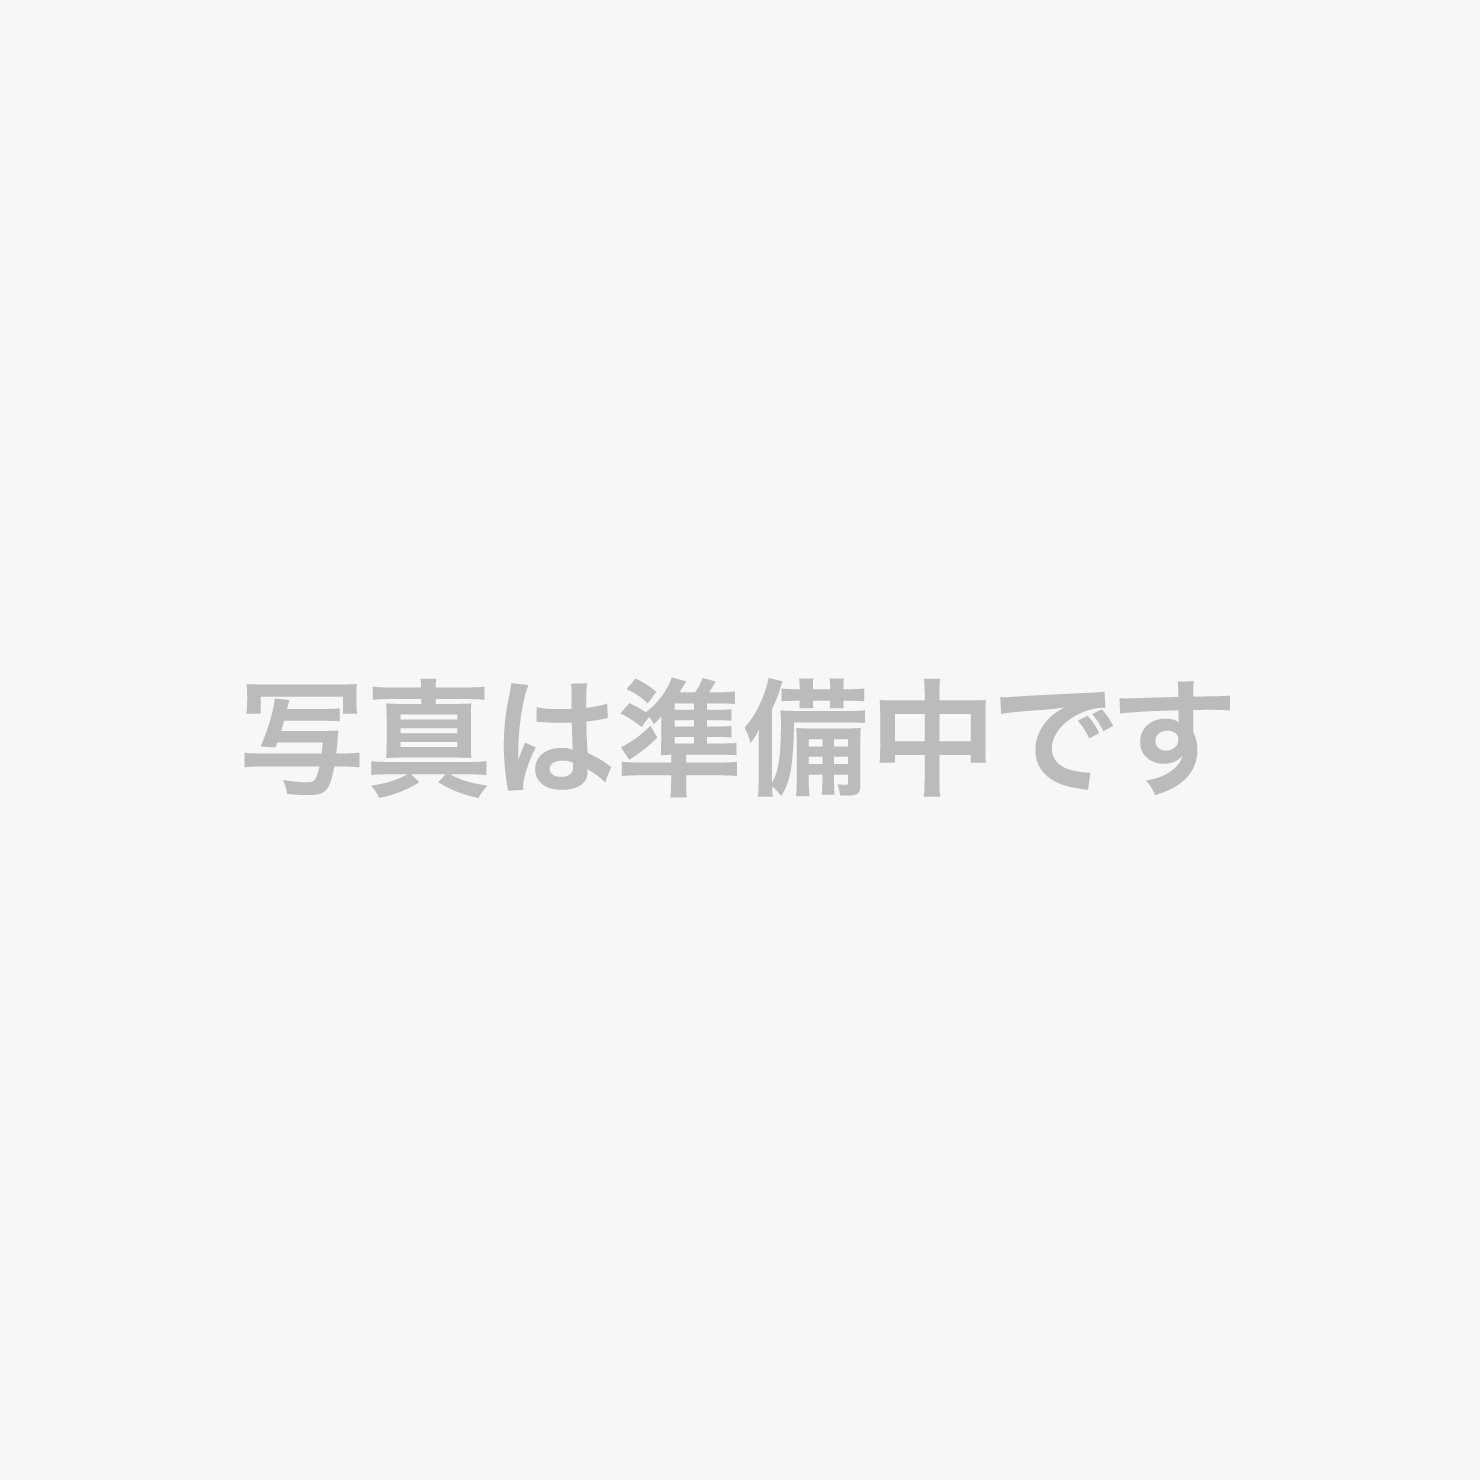 【ザ・テラス】店内イメージ